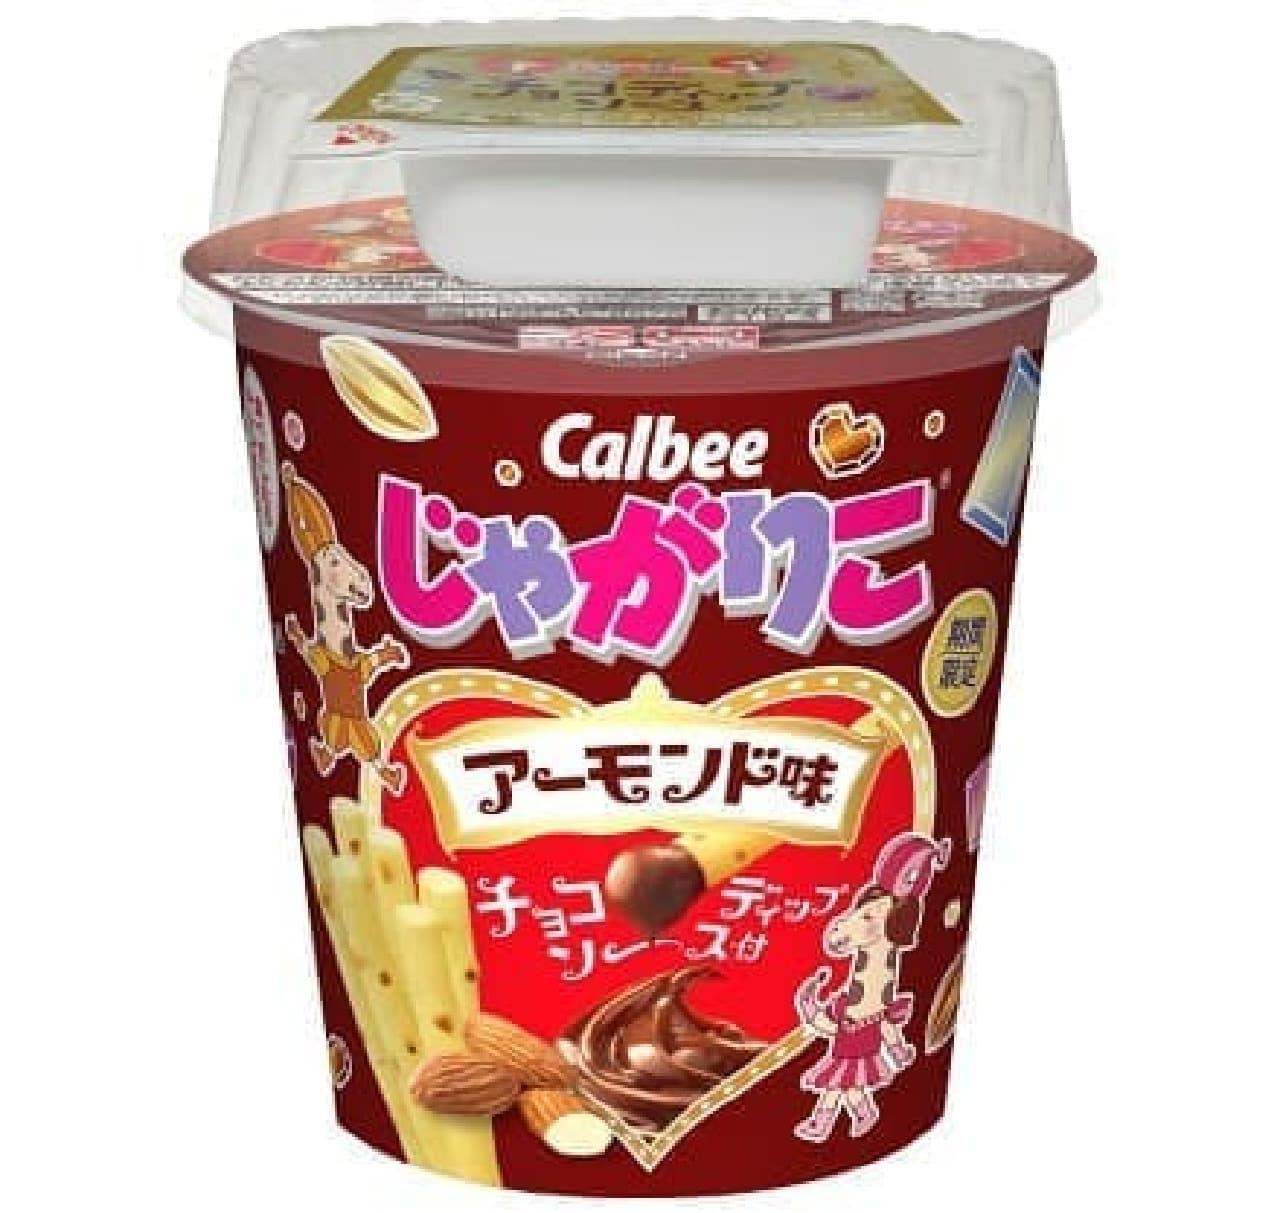 カルビー「じゃがりこ アーモンド味(チョコディップソース付)」